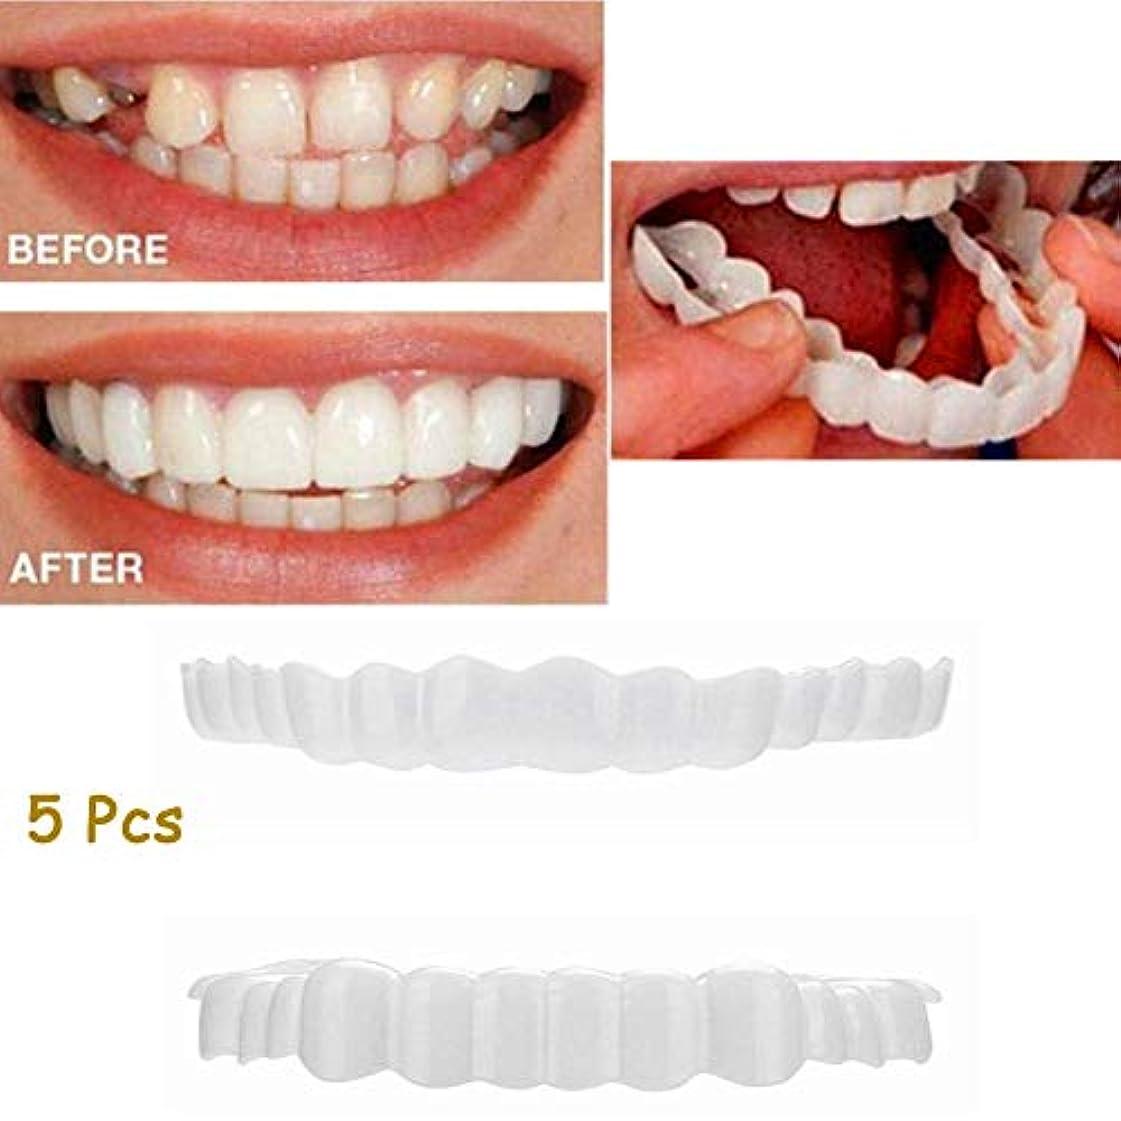 パイハーネス想起5ピース上歯+下歯セットインスタントパーフェクトコンフォートフィットフレックス化粧品歯入れ歯歯ホワイトニングスマイルフェイク歯